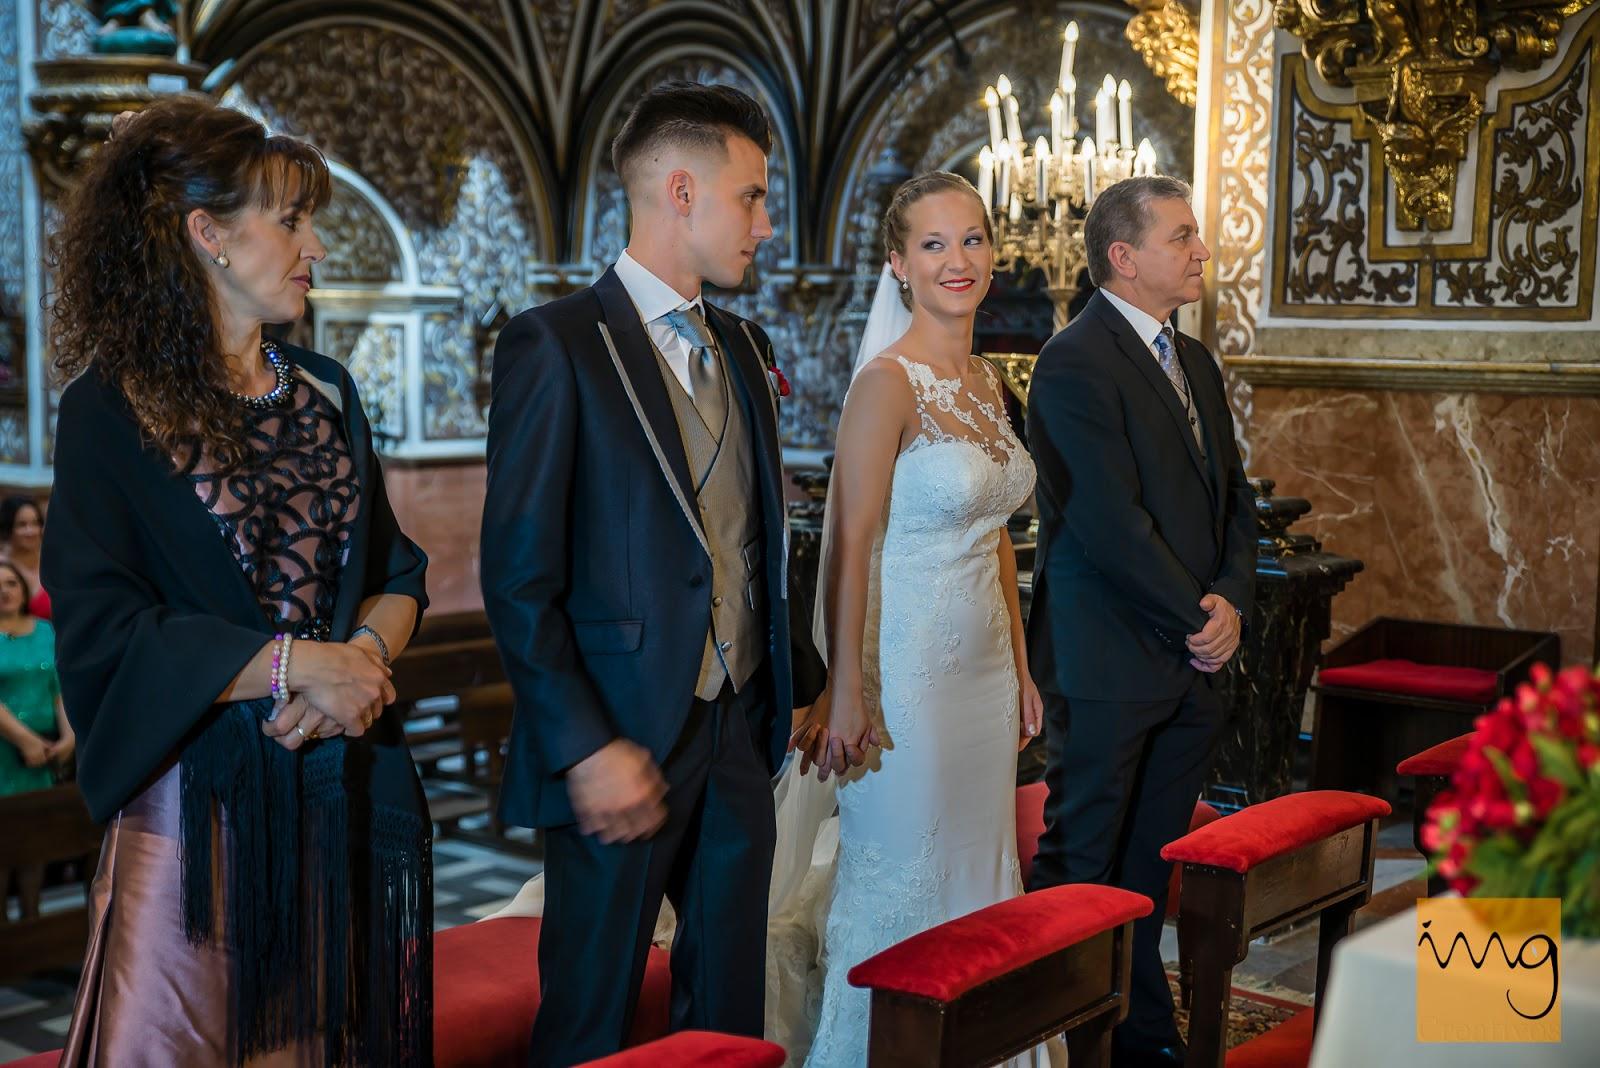 Fotografía de los novios y los padrinos en el Altar en Granada